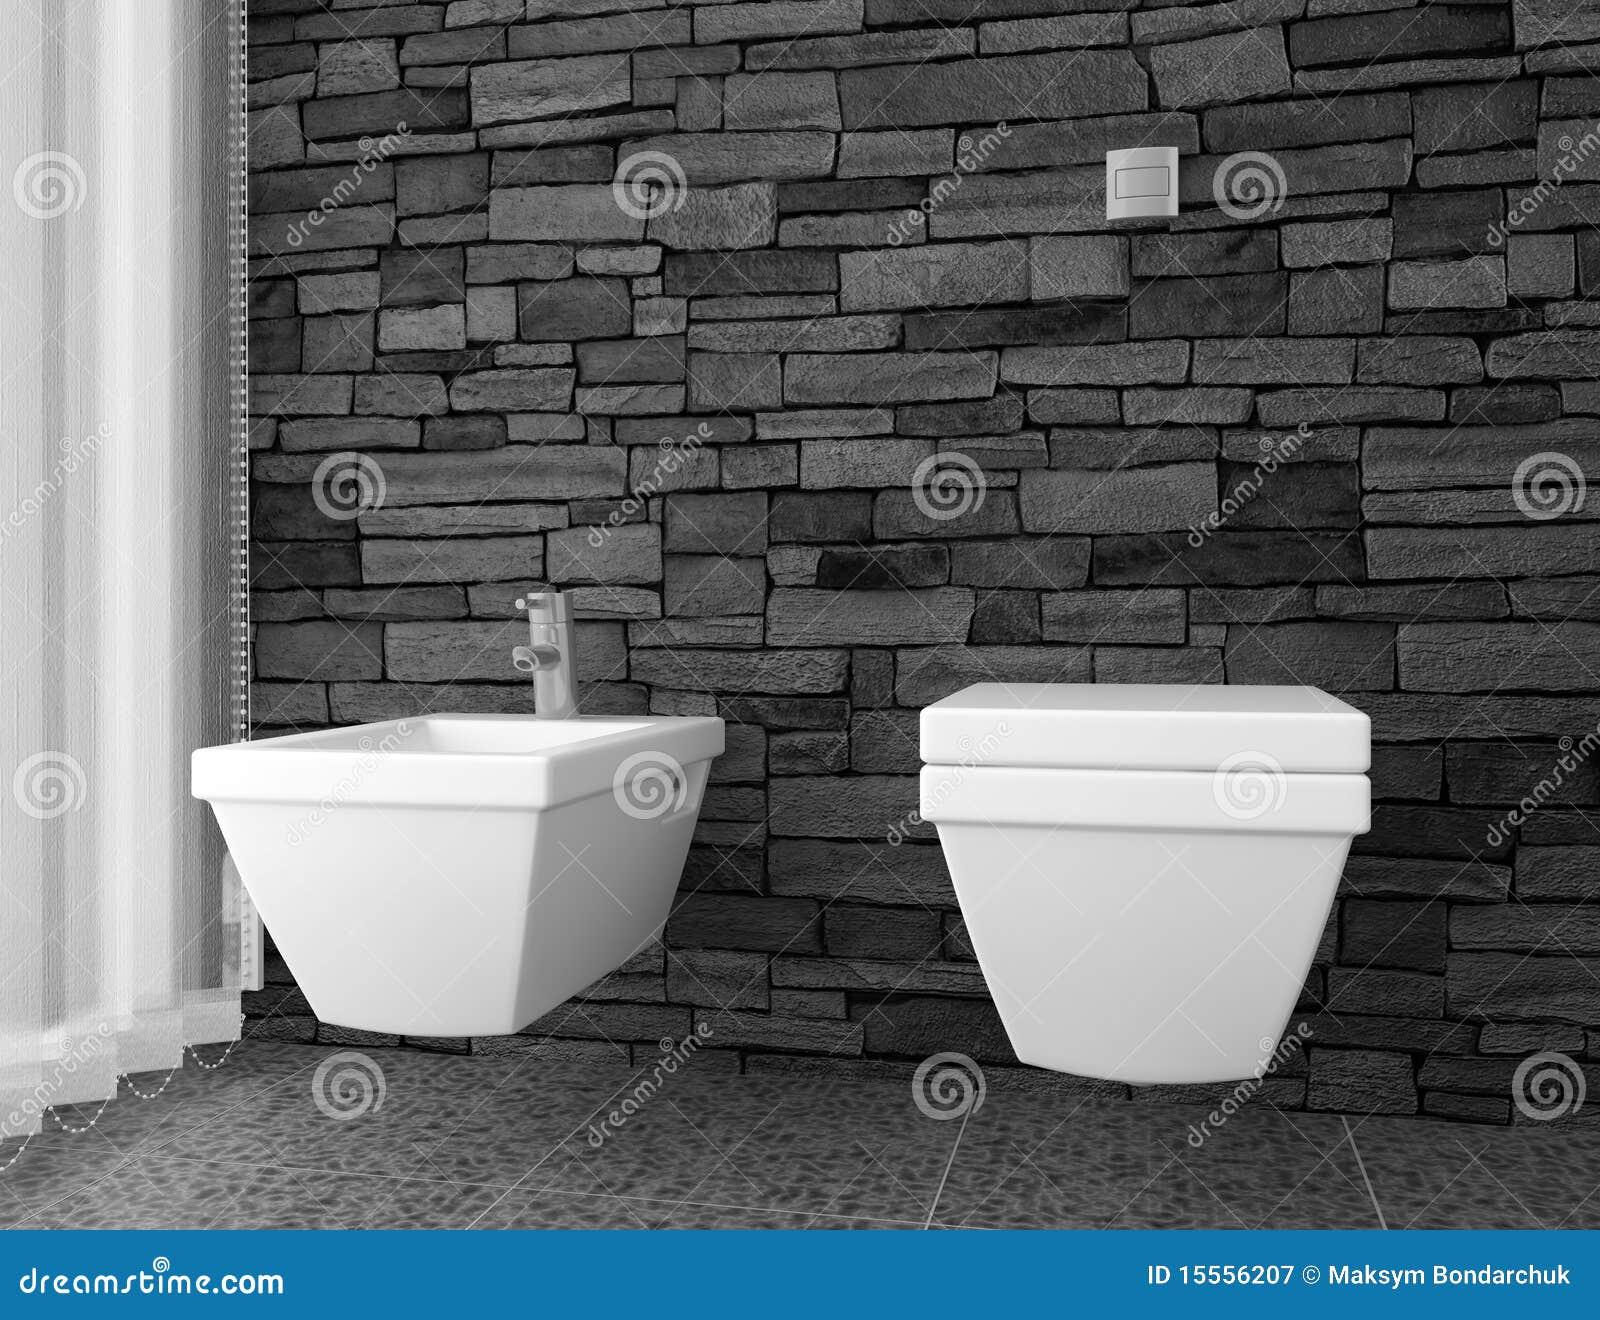 moderne toilette mit schwarzer steinwand lizenzfreie stockfotografie bild 15556207. Black Bedroom Furniture Sets. Home Design Ideas